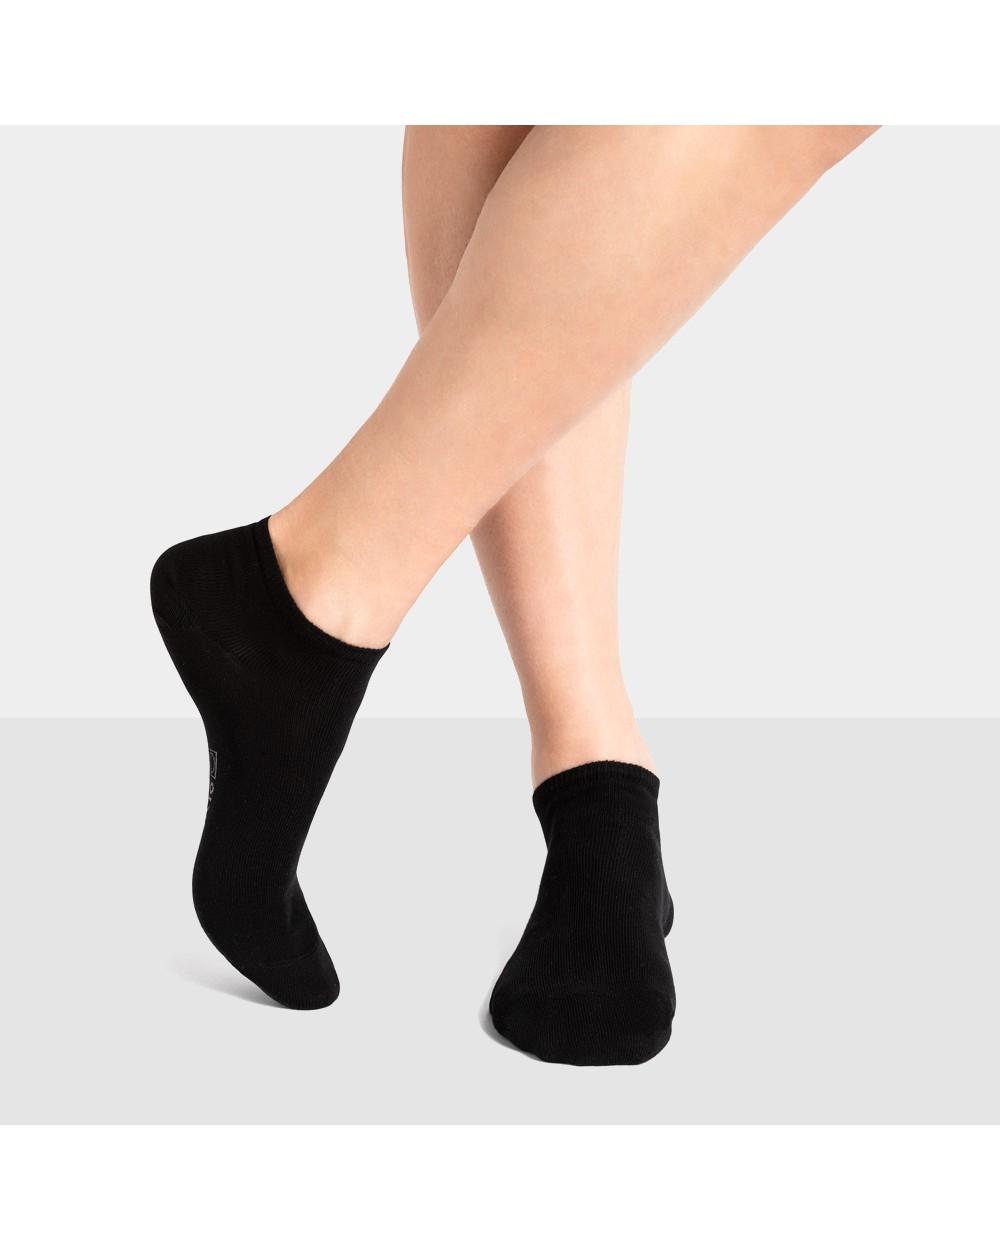 Chaussettes invisibles coton unies